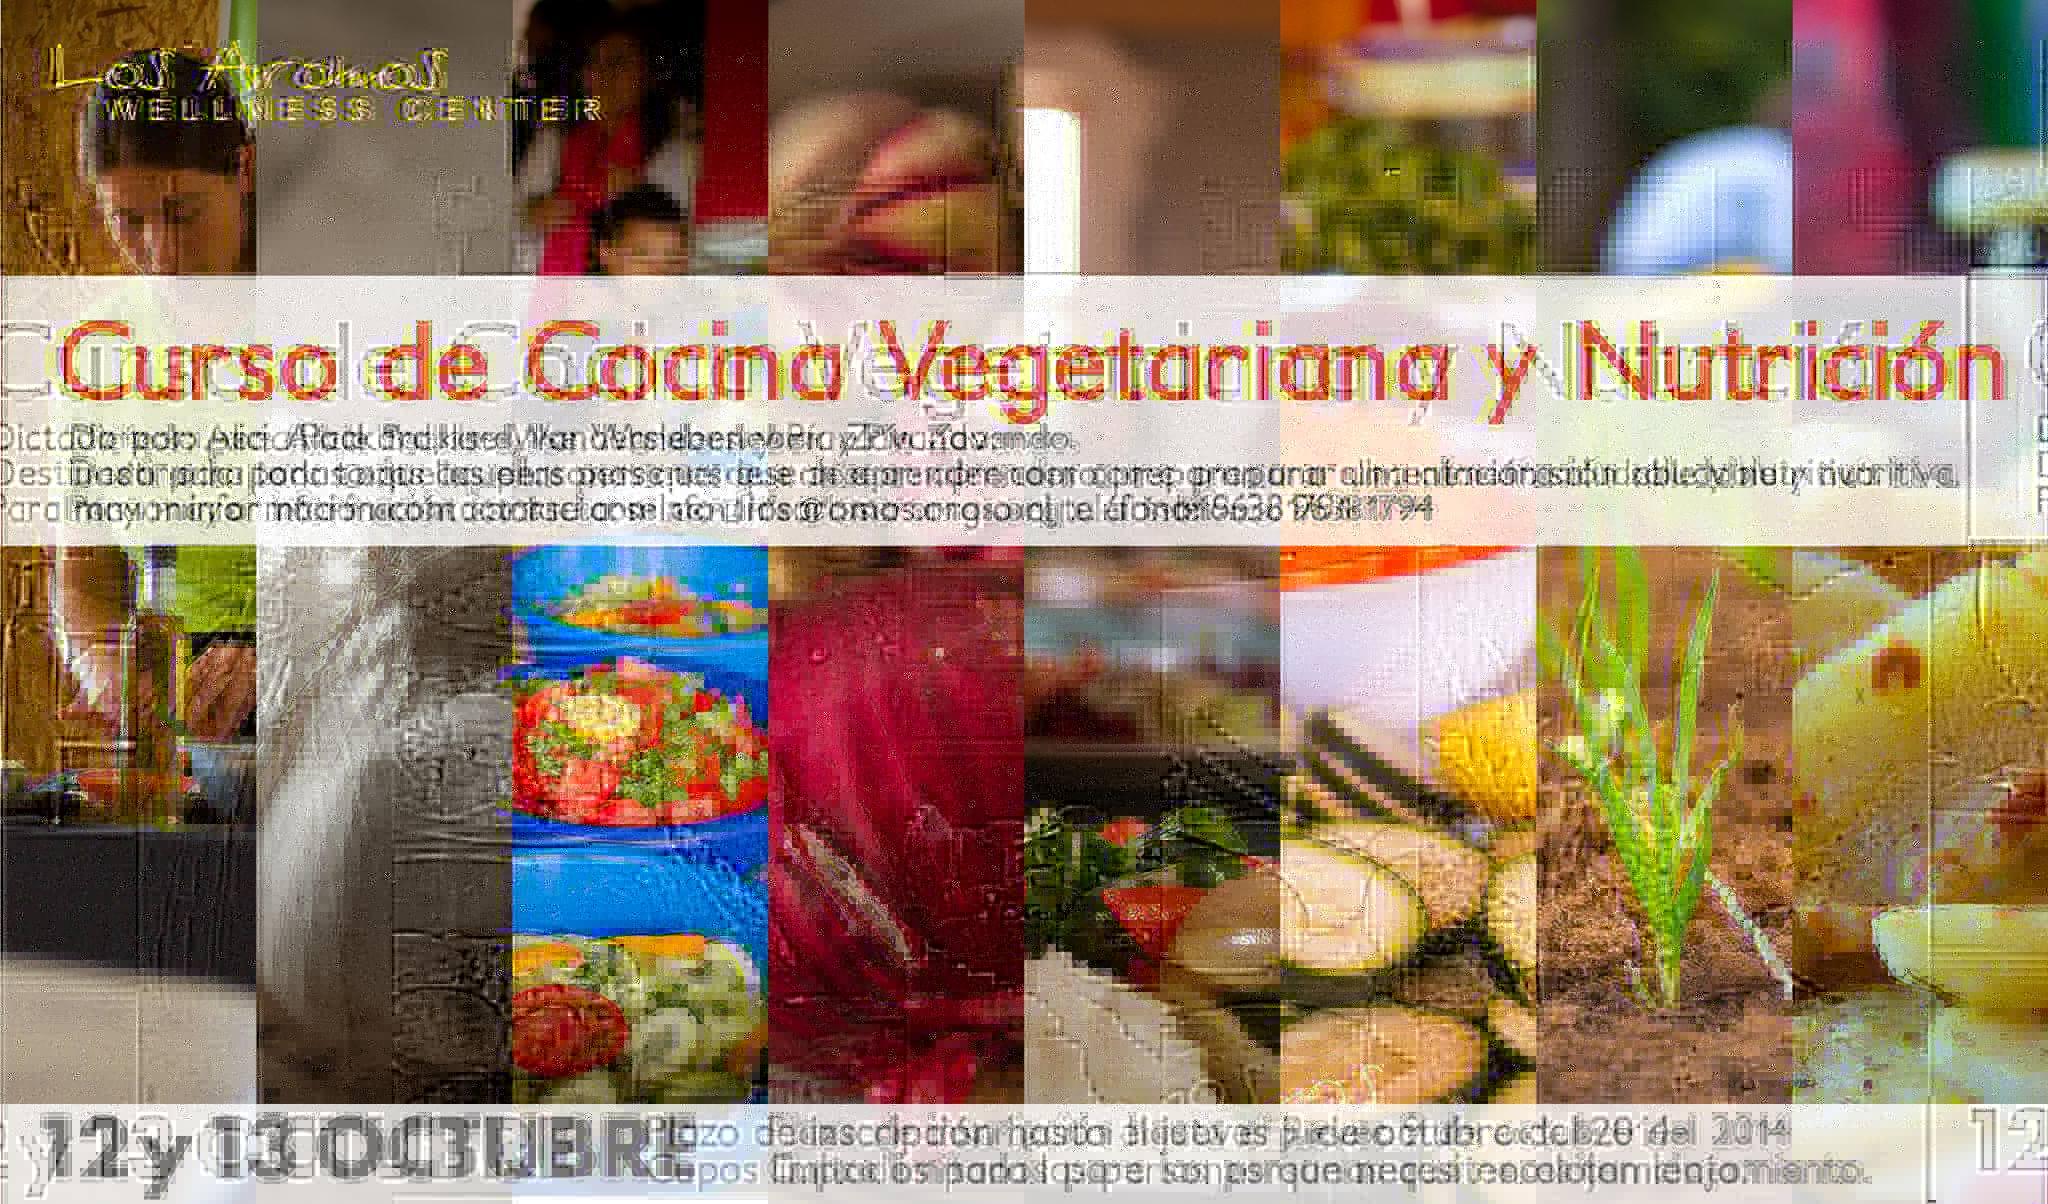 Curso de cocina vegetariana octubre 2014 los aromos - Clases de cocina meetic ...